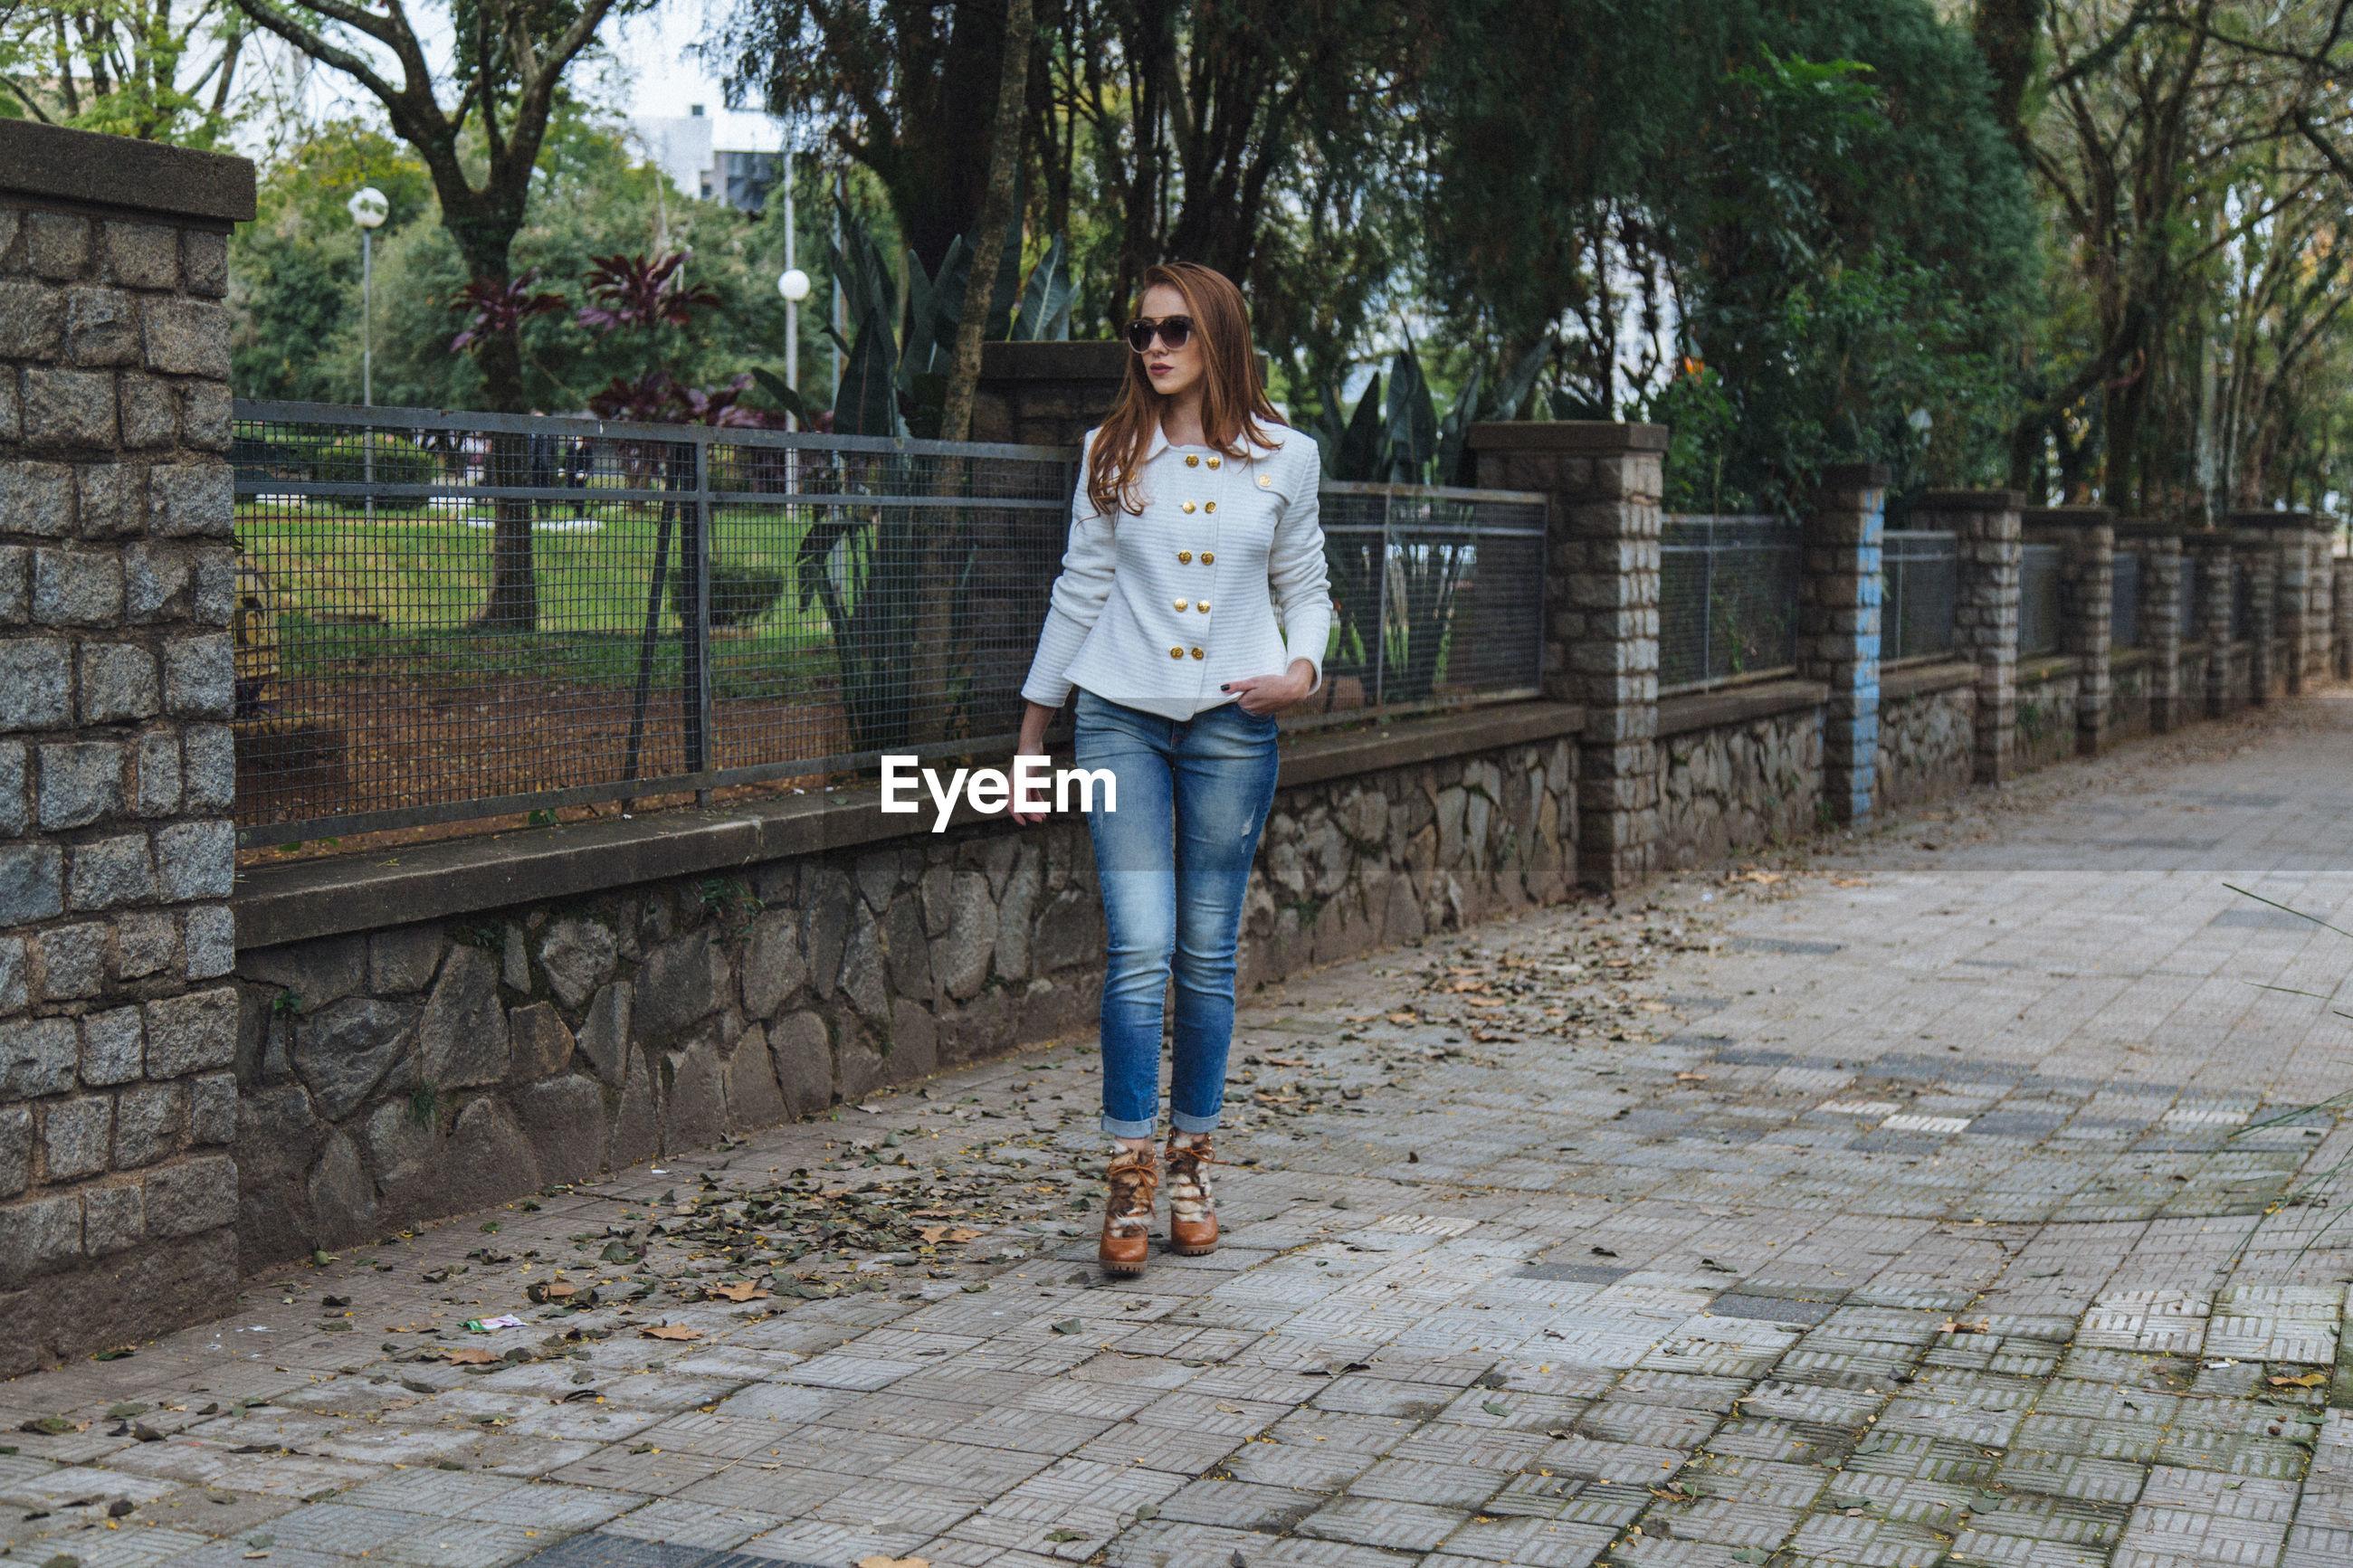 Woman in sunglasses walking on sidewalk